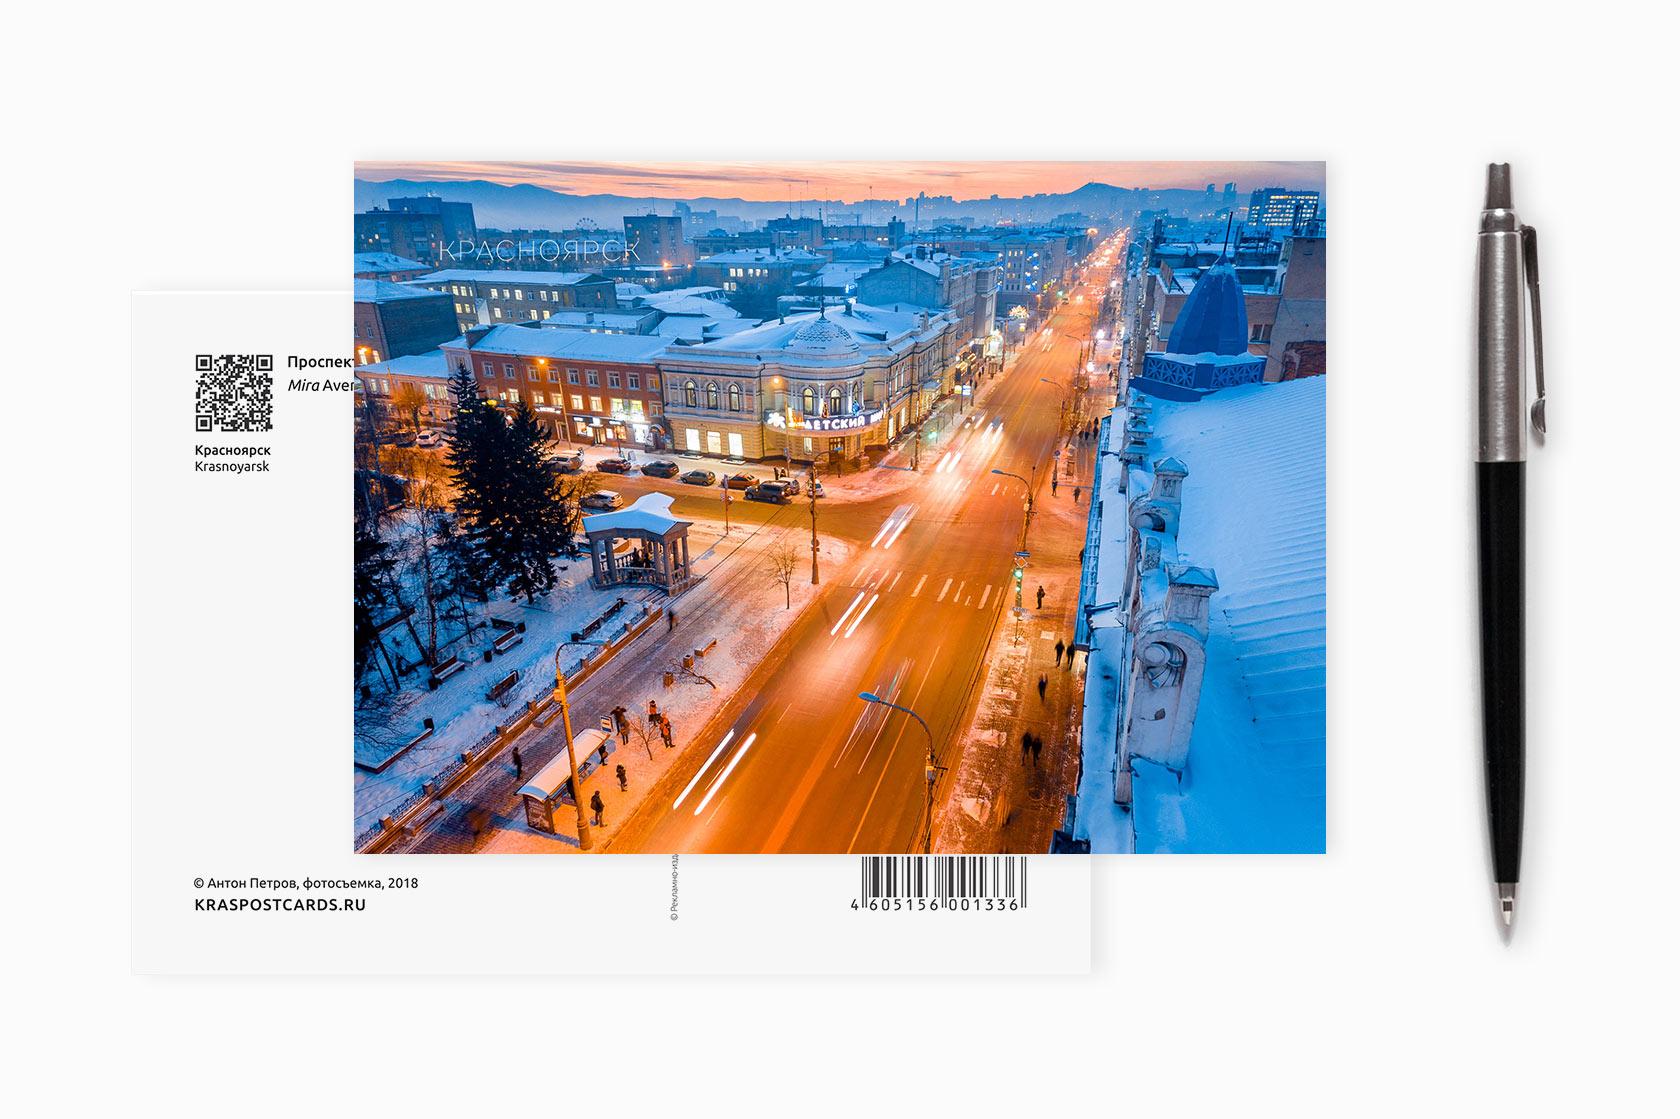 Заказать открытку красноярск, пять месяцев